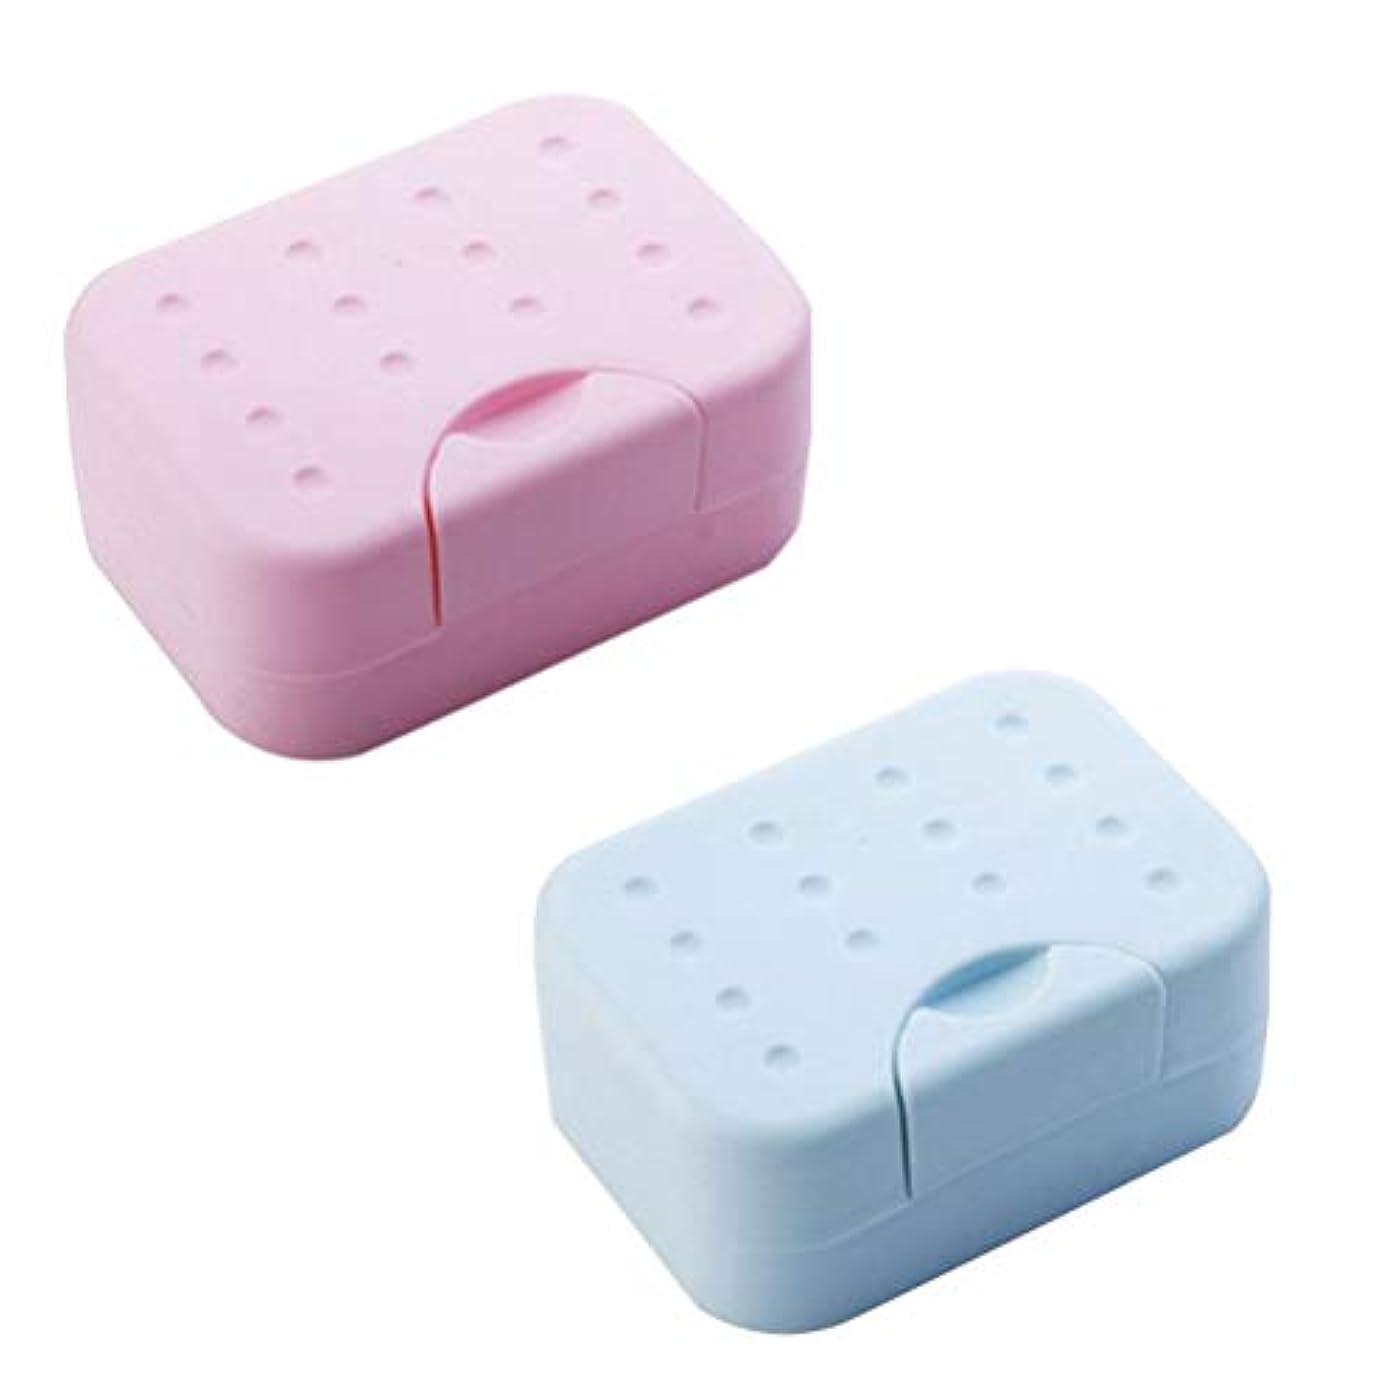 亡命前提条件氏Healifty 2PC石鹸容器旅行石鹸ボックス石けんケース耐久性プラスチック防水飲料水スポンジ石鹸キャビネットのための食器ホルダーホームバスルーム(赤と青)